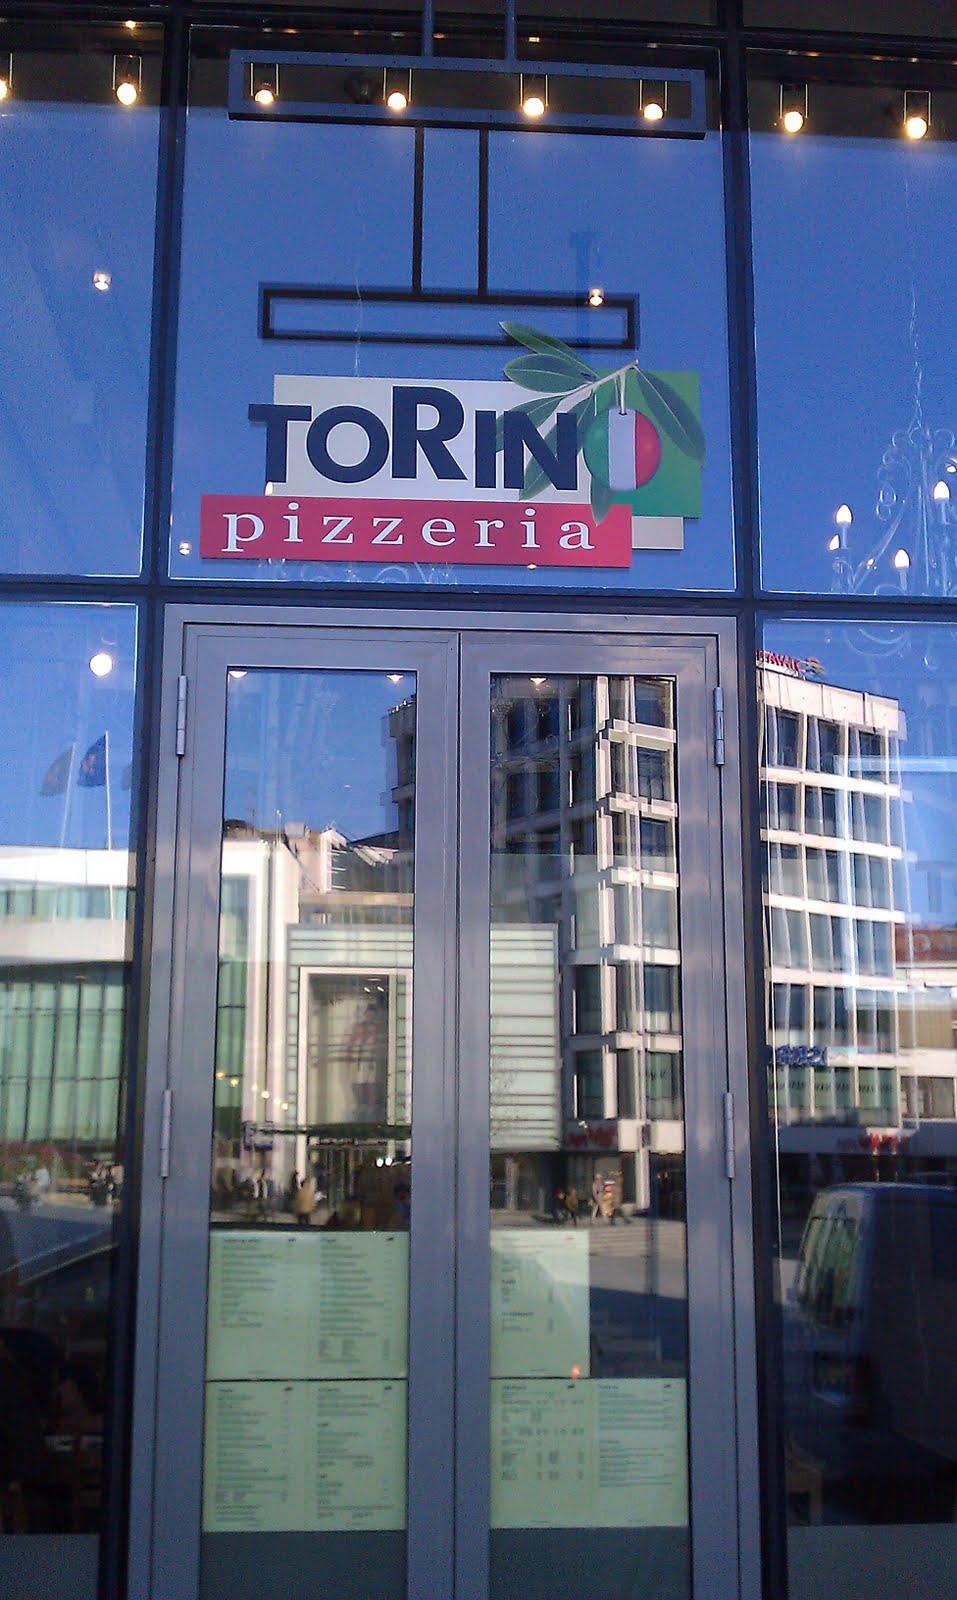 torino pizzeria